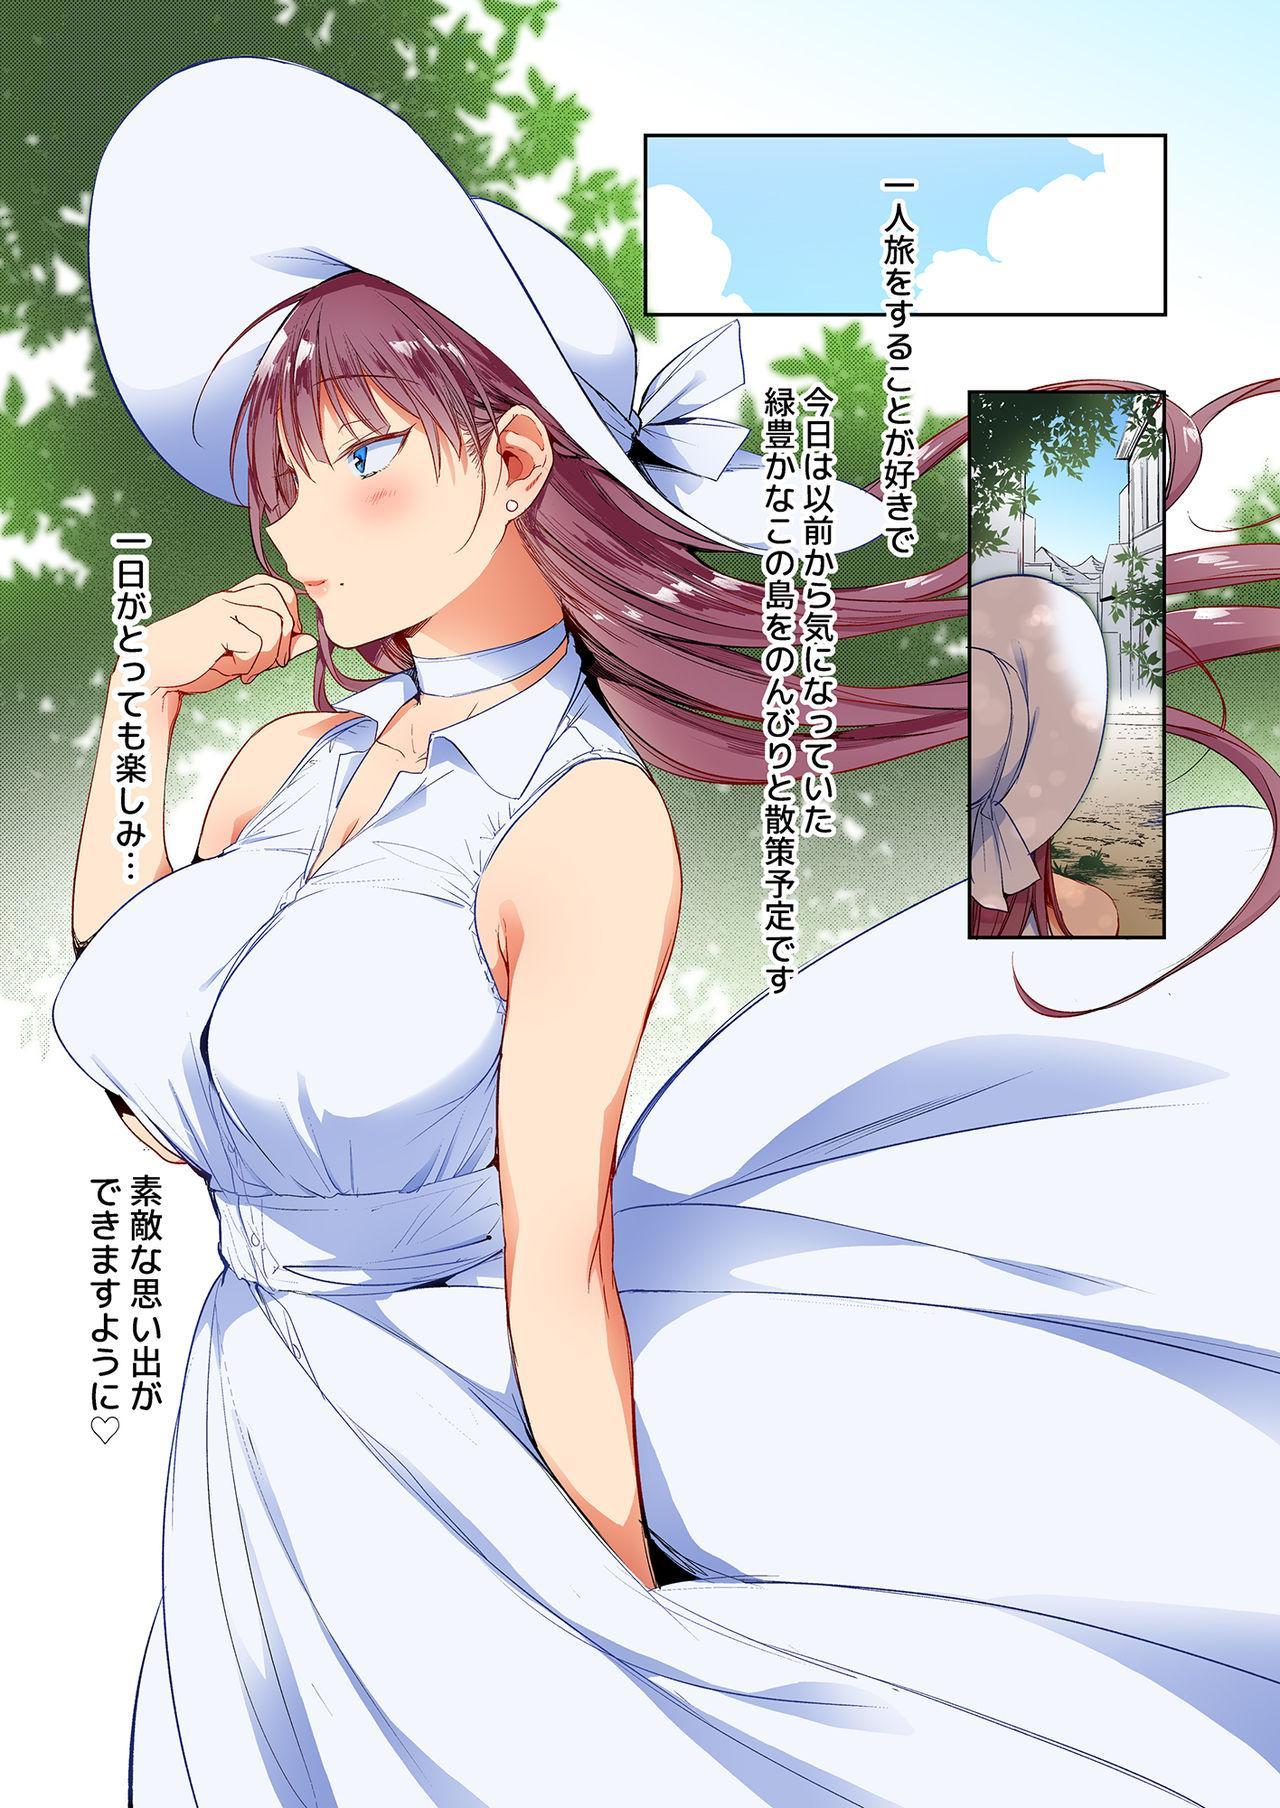 Natsu no Ojousan ga Yukizuri Omanko shitekureru 2